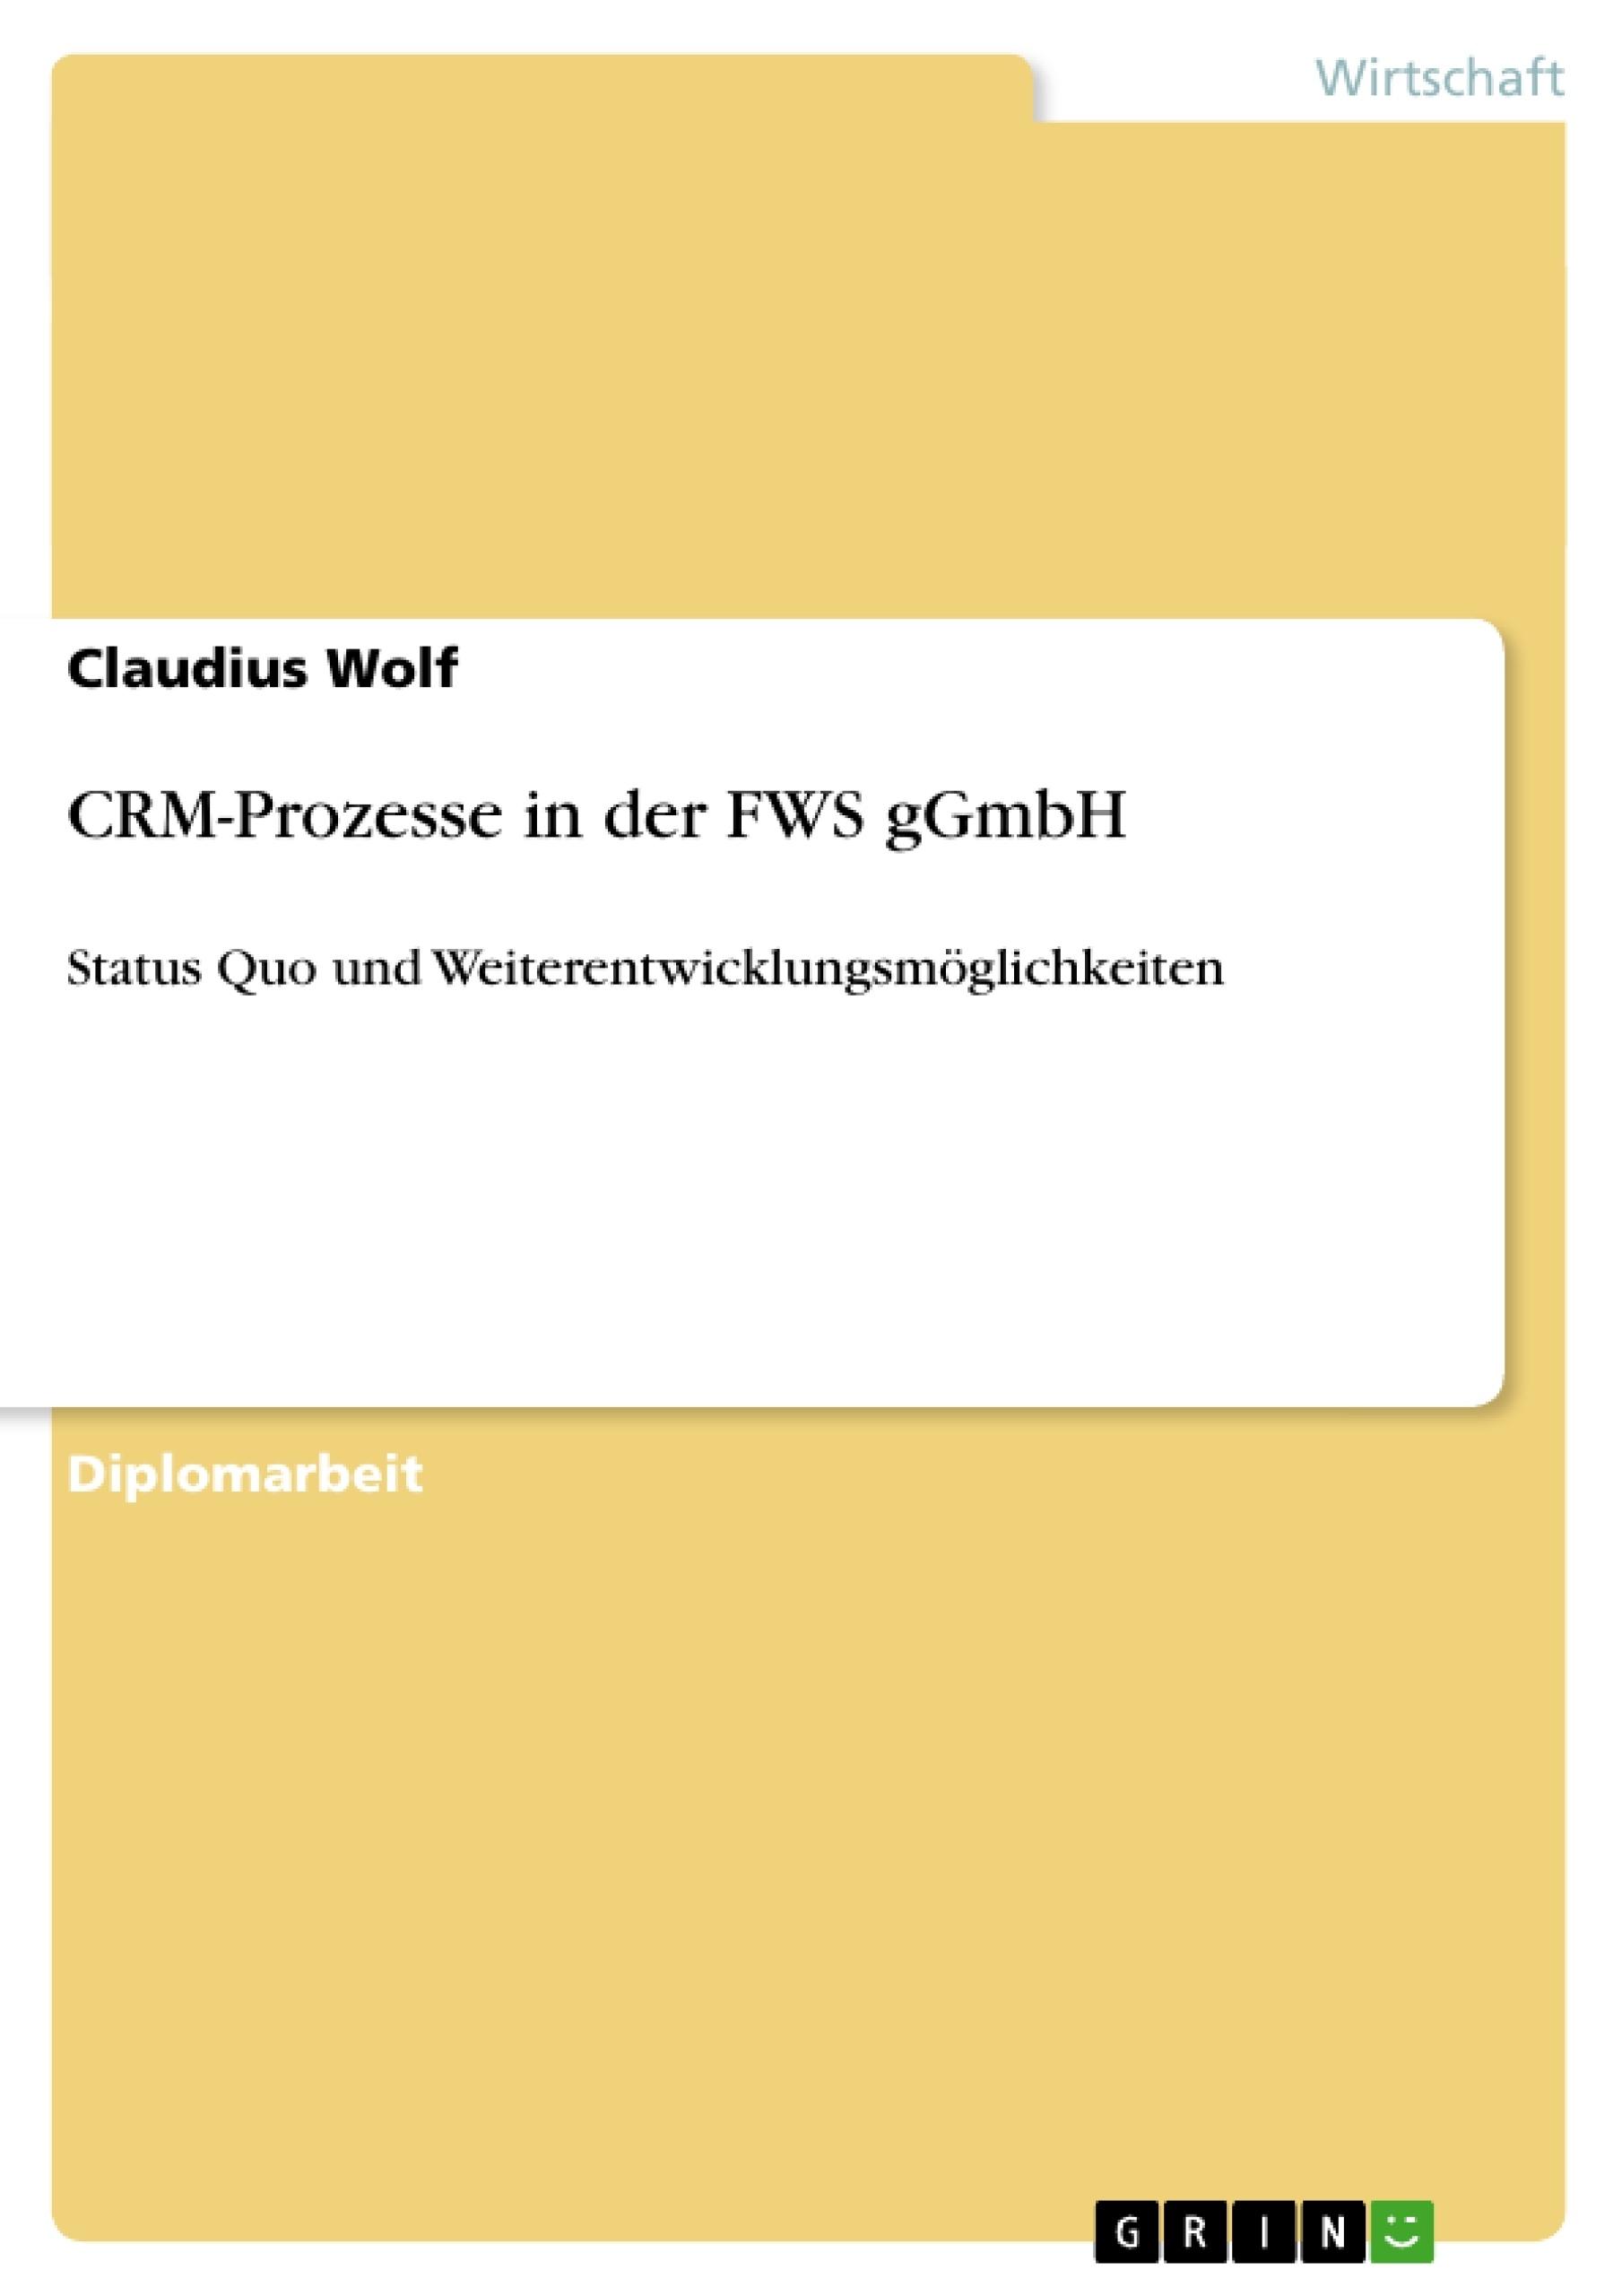 Titel: CRM-Prozesse in der FWS gGmbH